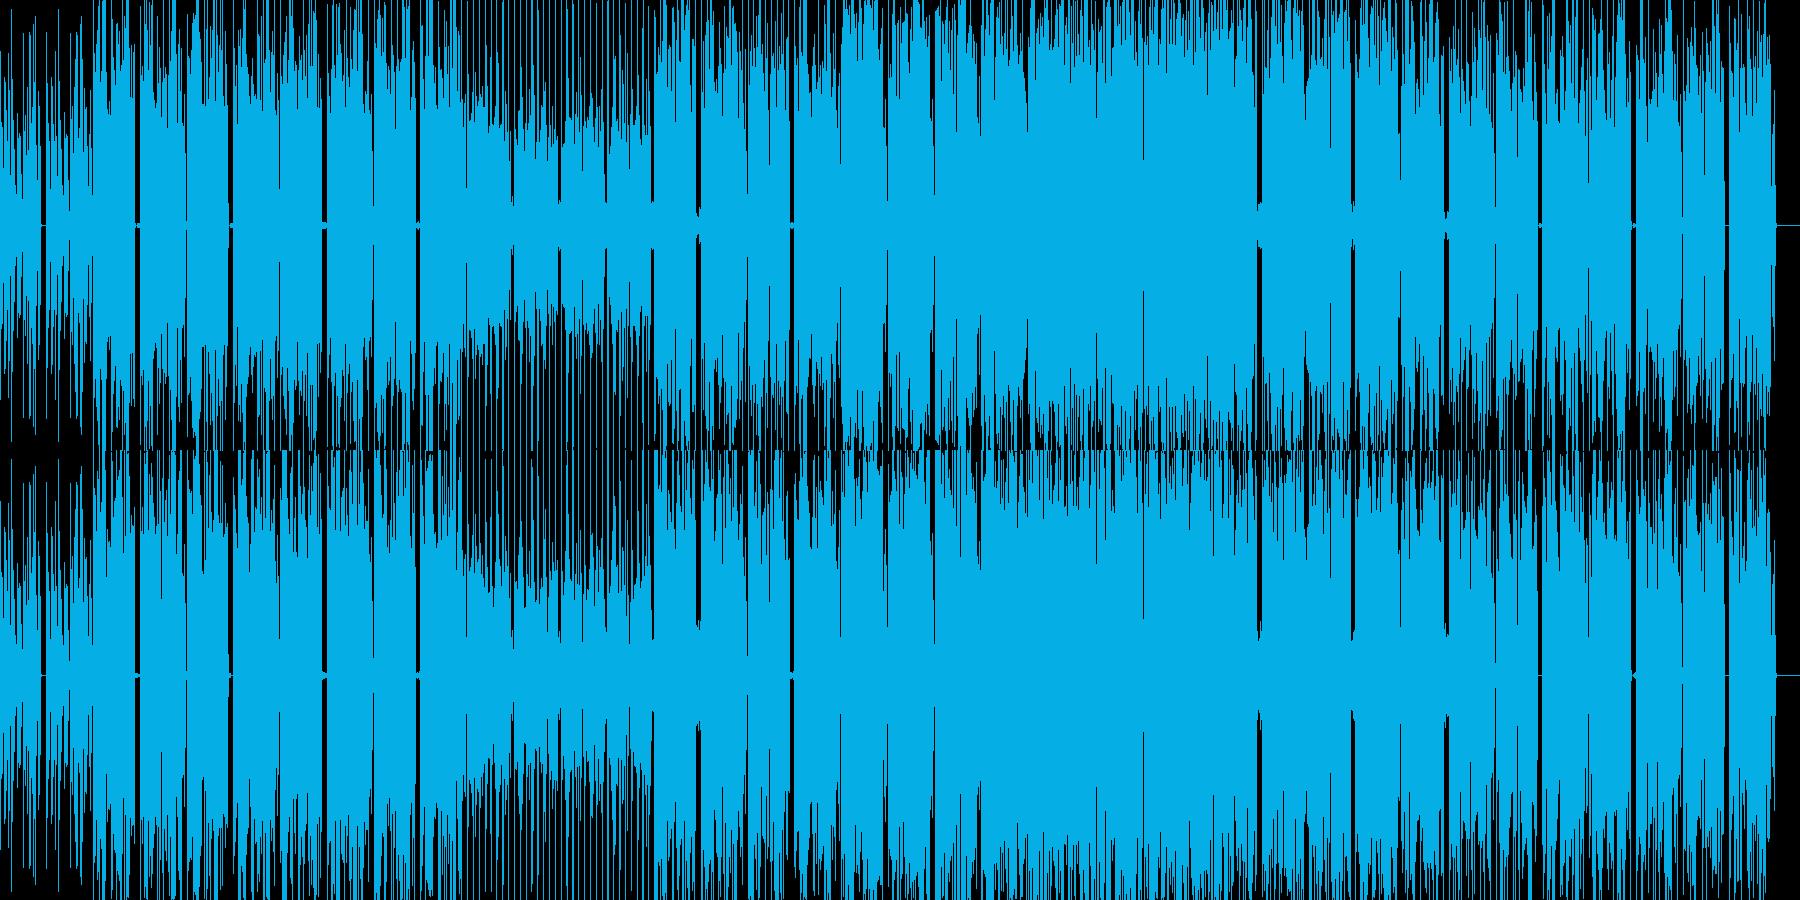 ディストピアに合う機械的なエレクトロニカの再生済みの波形